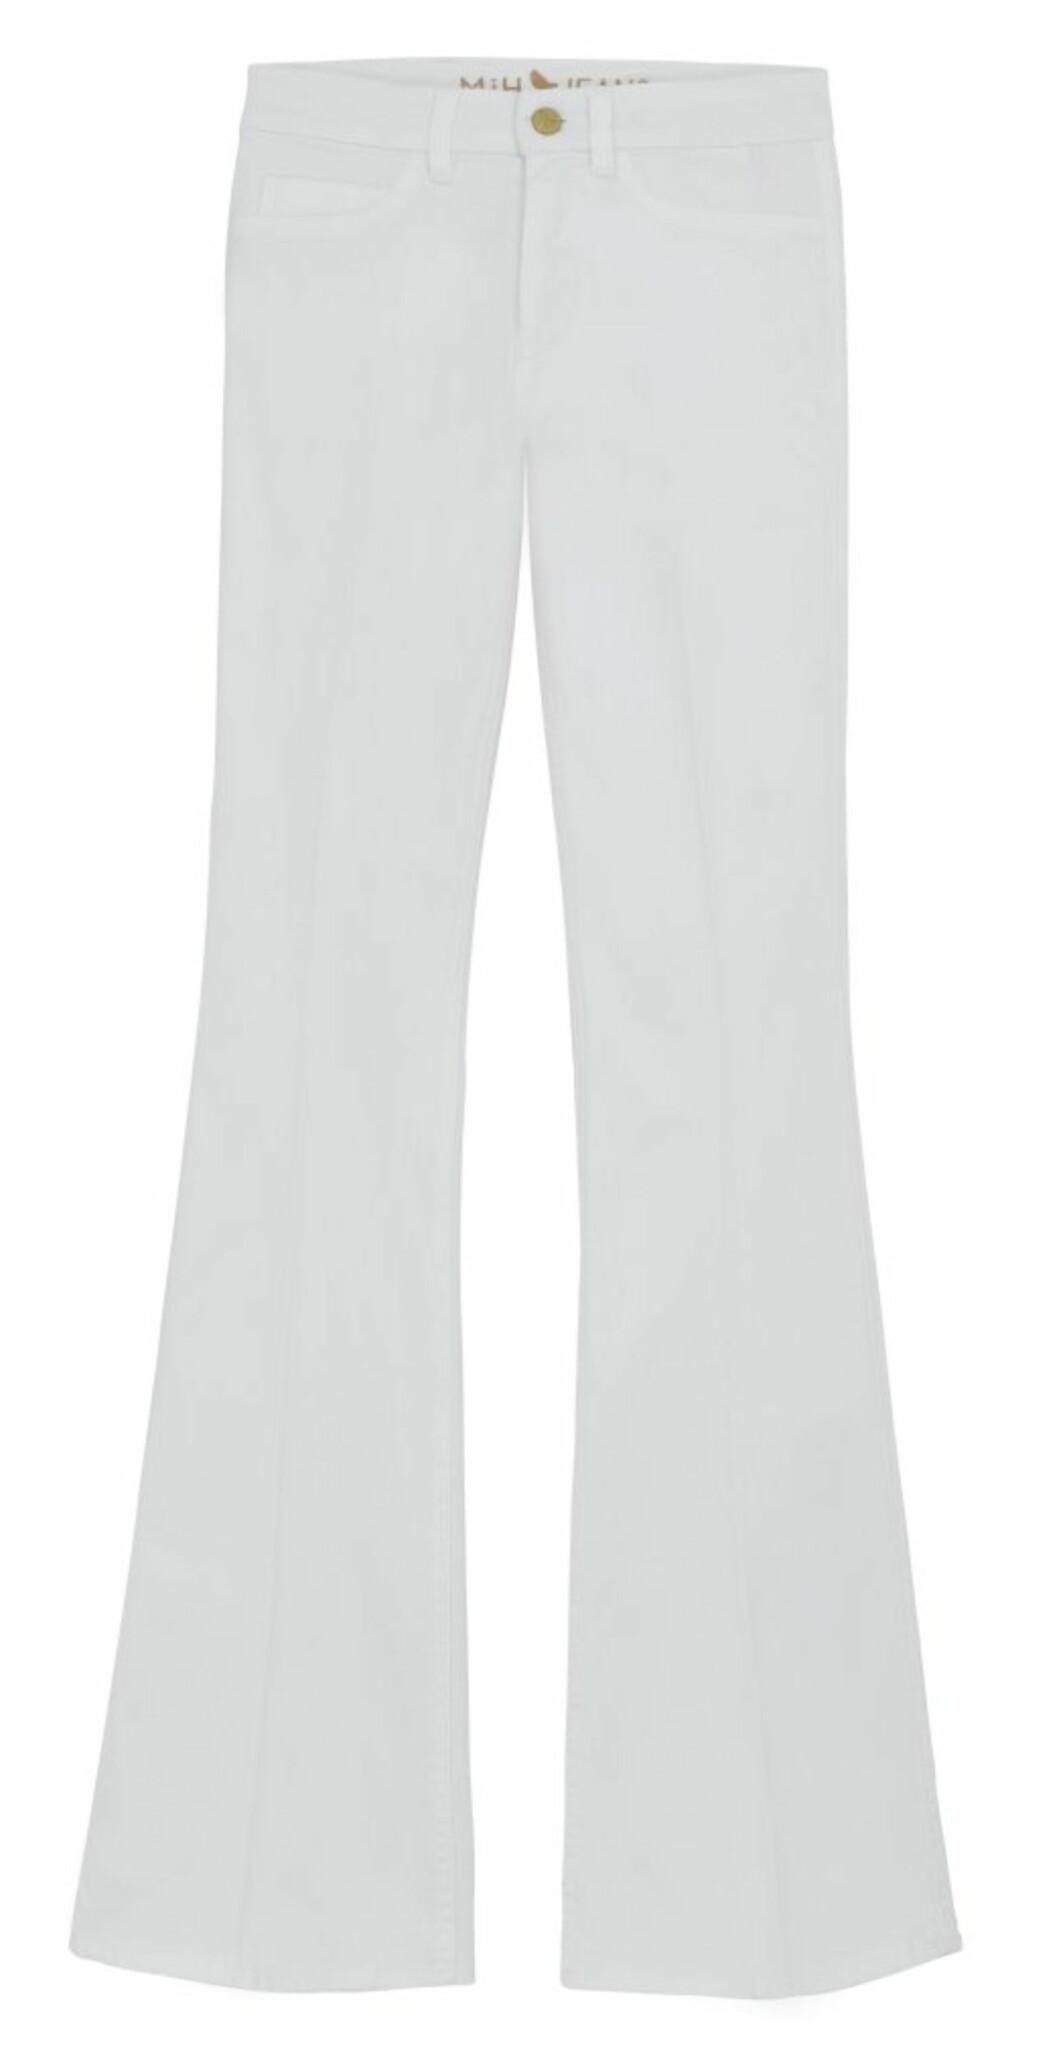 Bukser med sleng (kr 1250, MIH). Foto: Produsentene